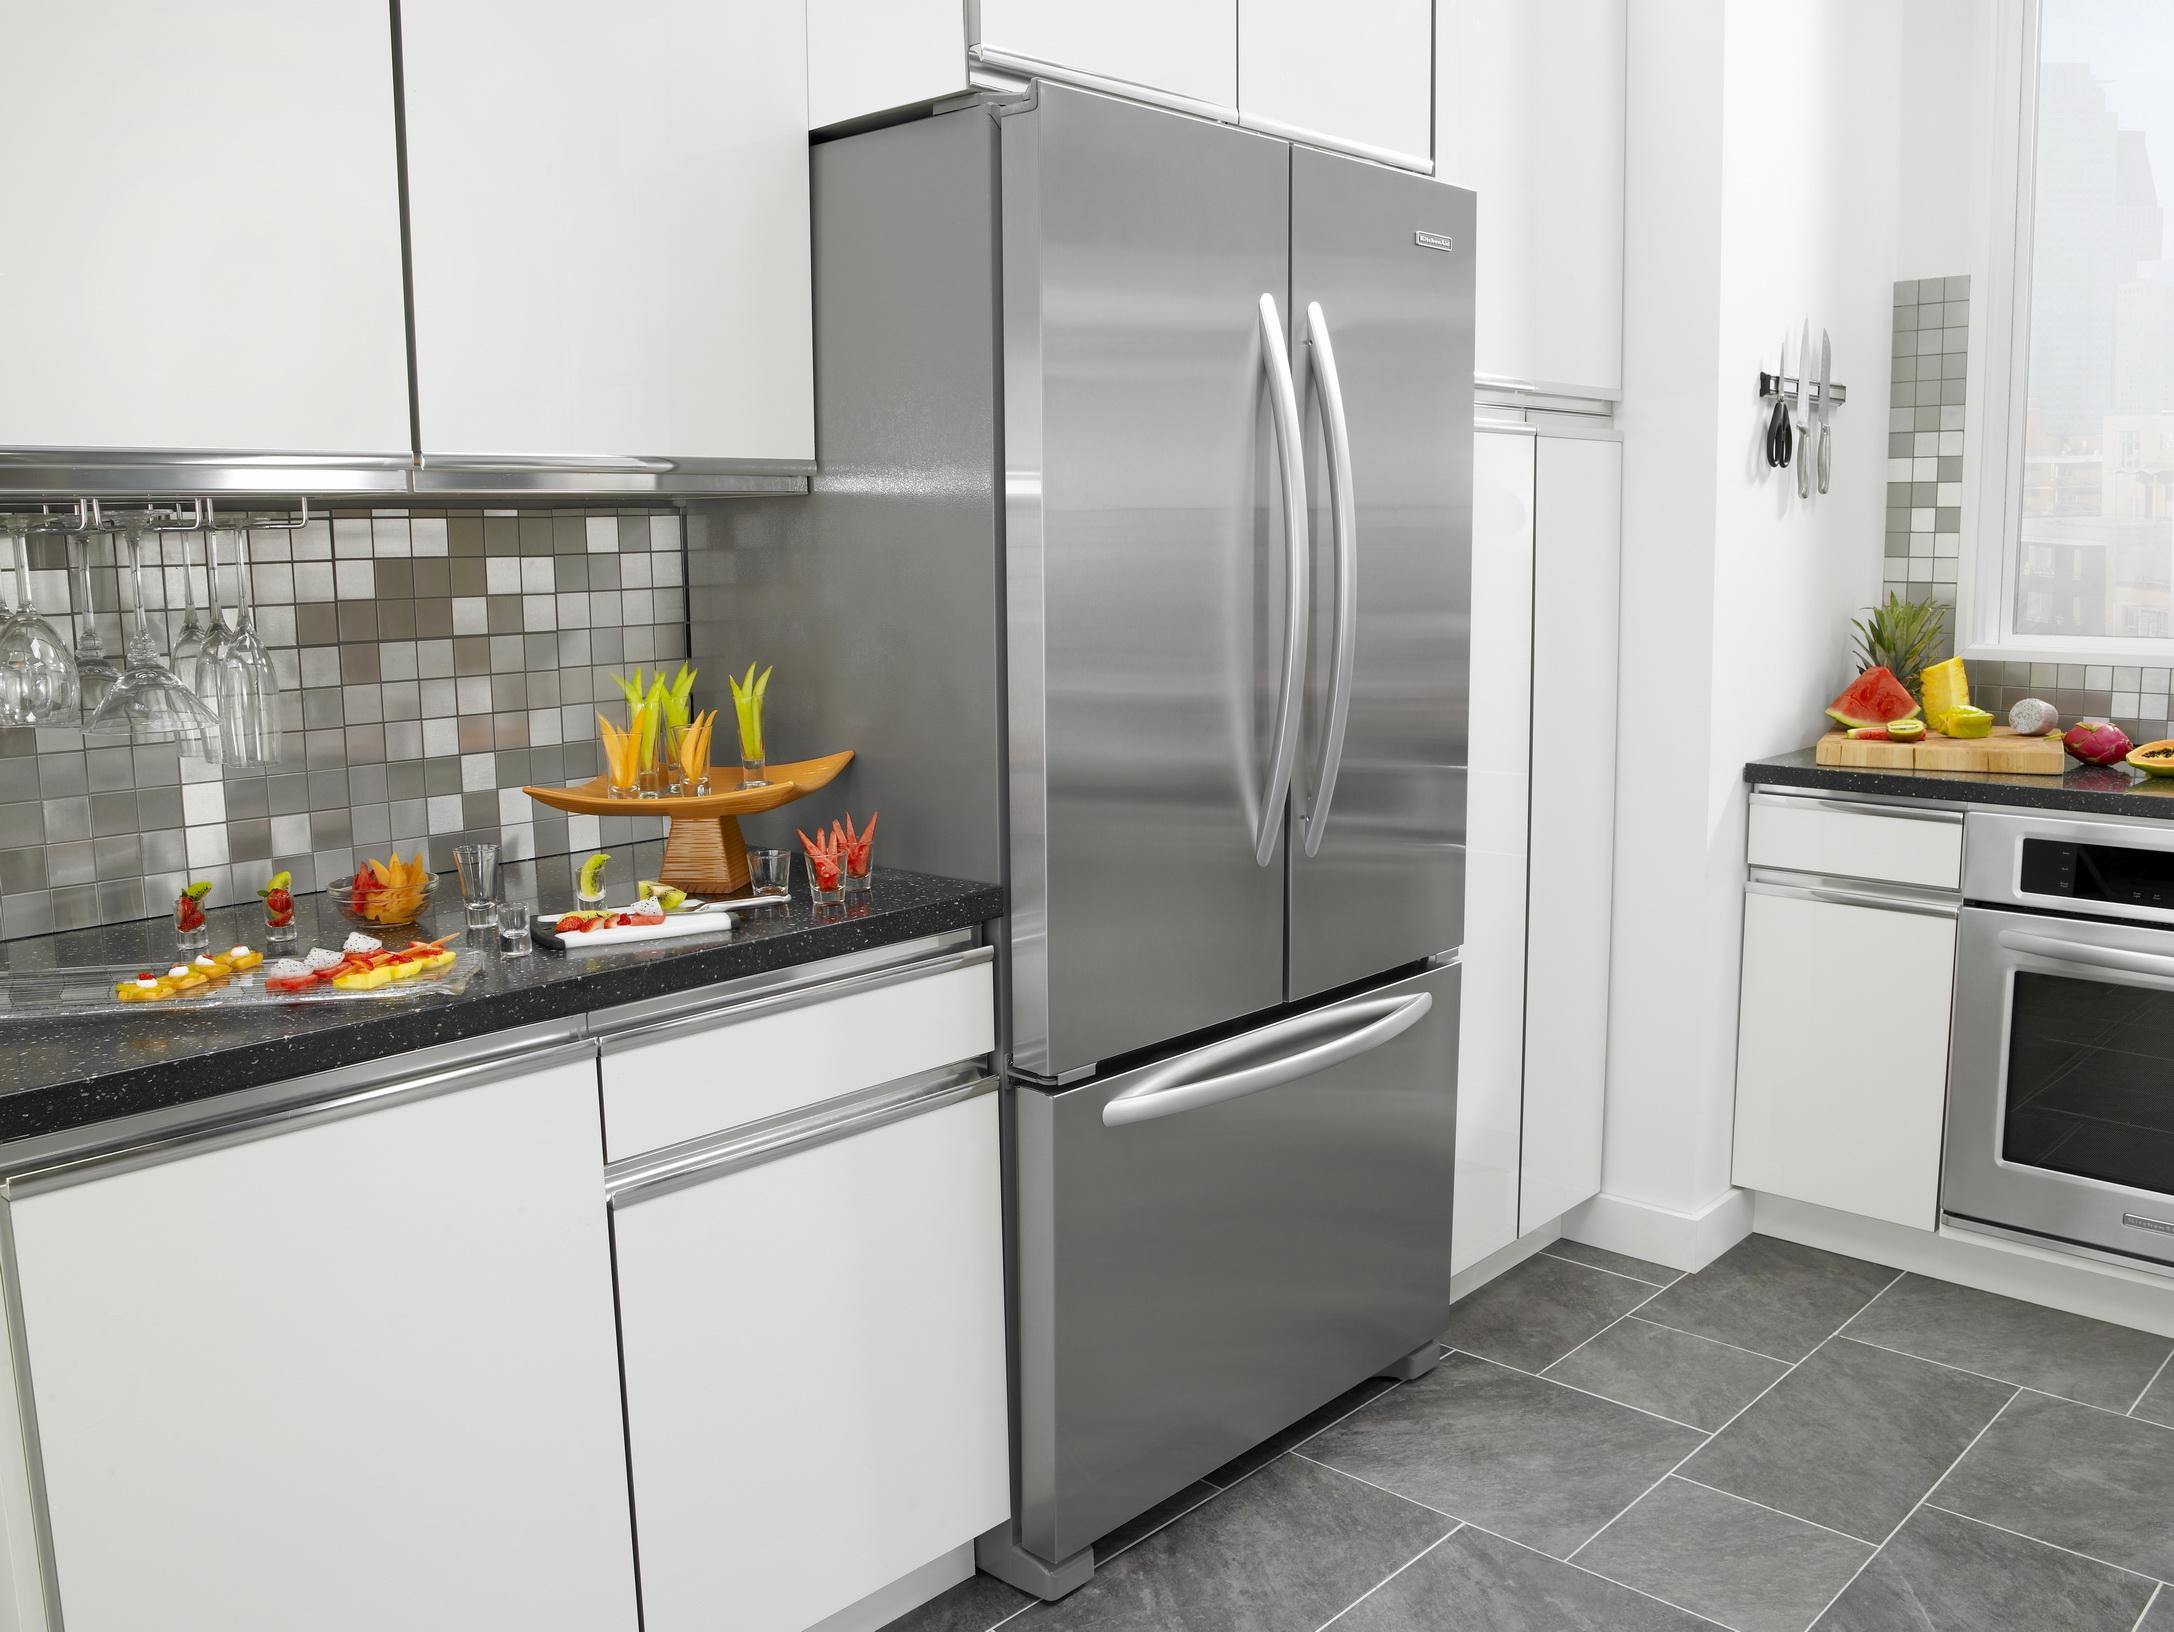 Двухдверный холодильник: характеристика, дополнительные функции, плюсы и минусы (23 фото)